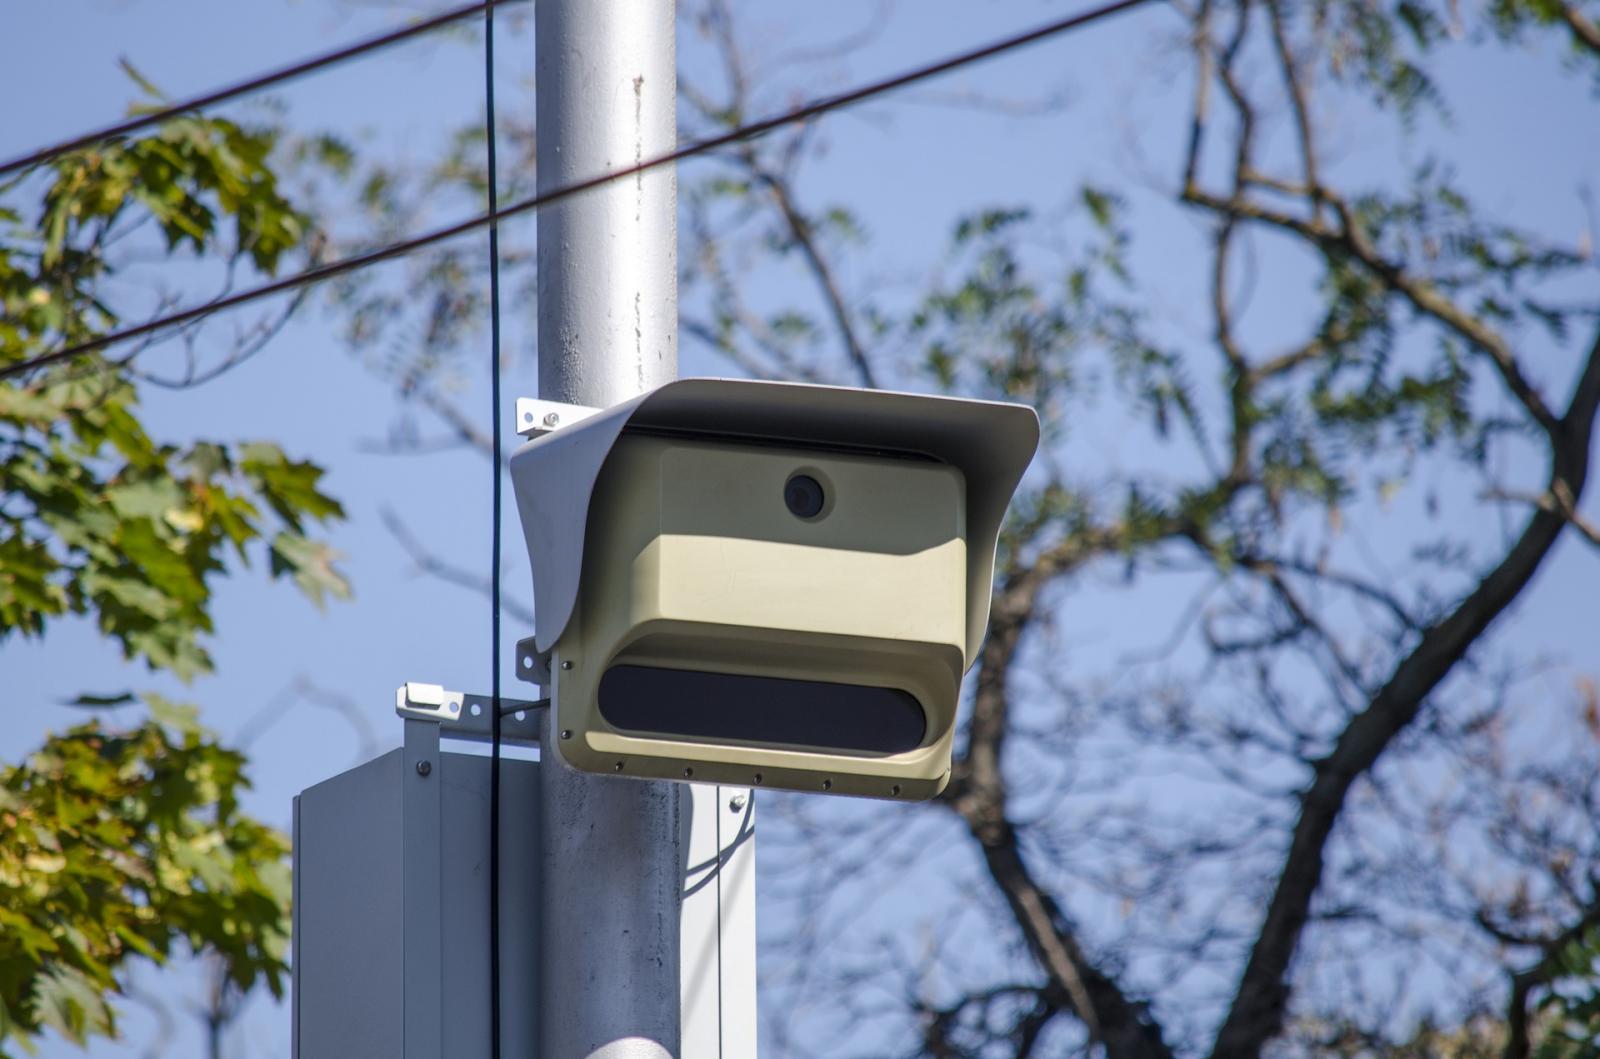 В Бежицком районе водителей предупредили о фотоловушке на улице Камозина